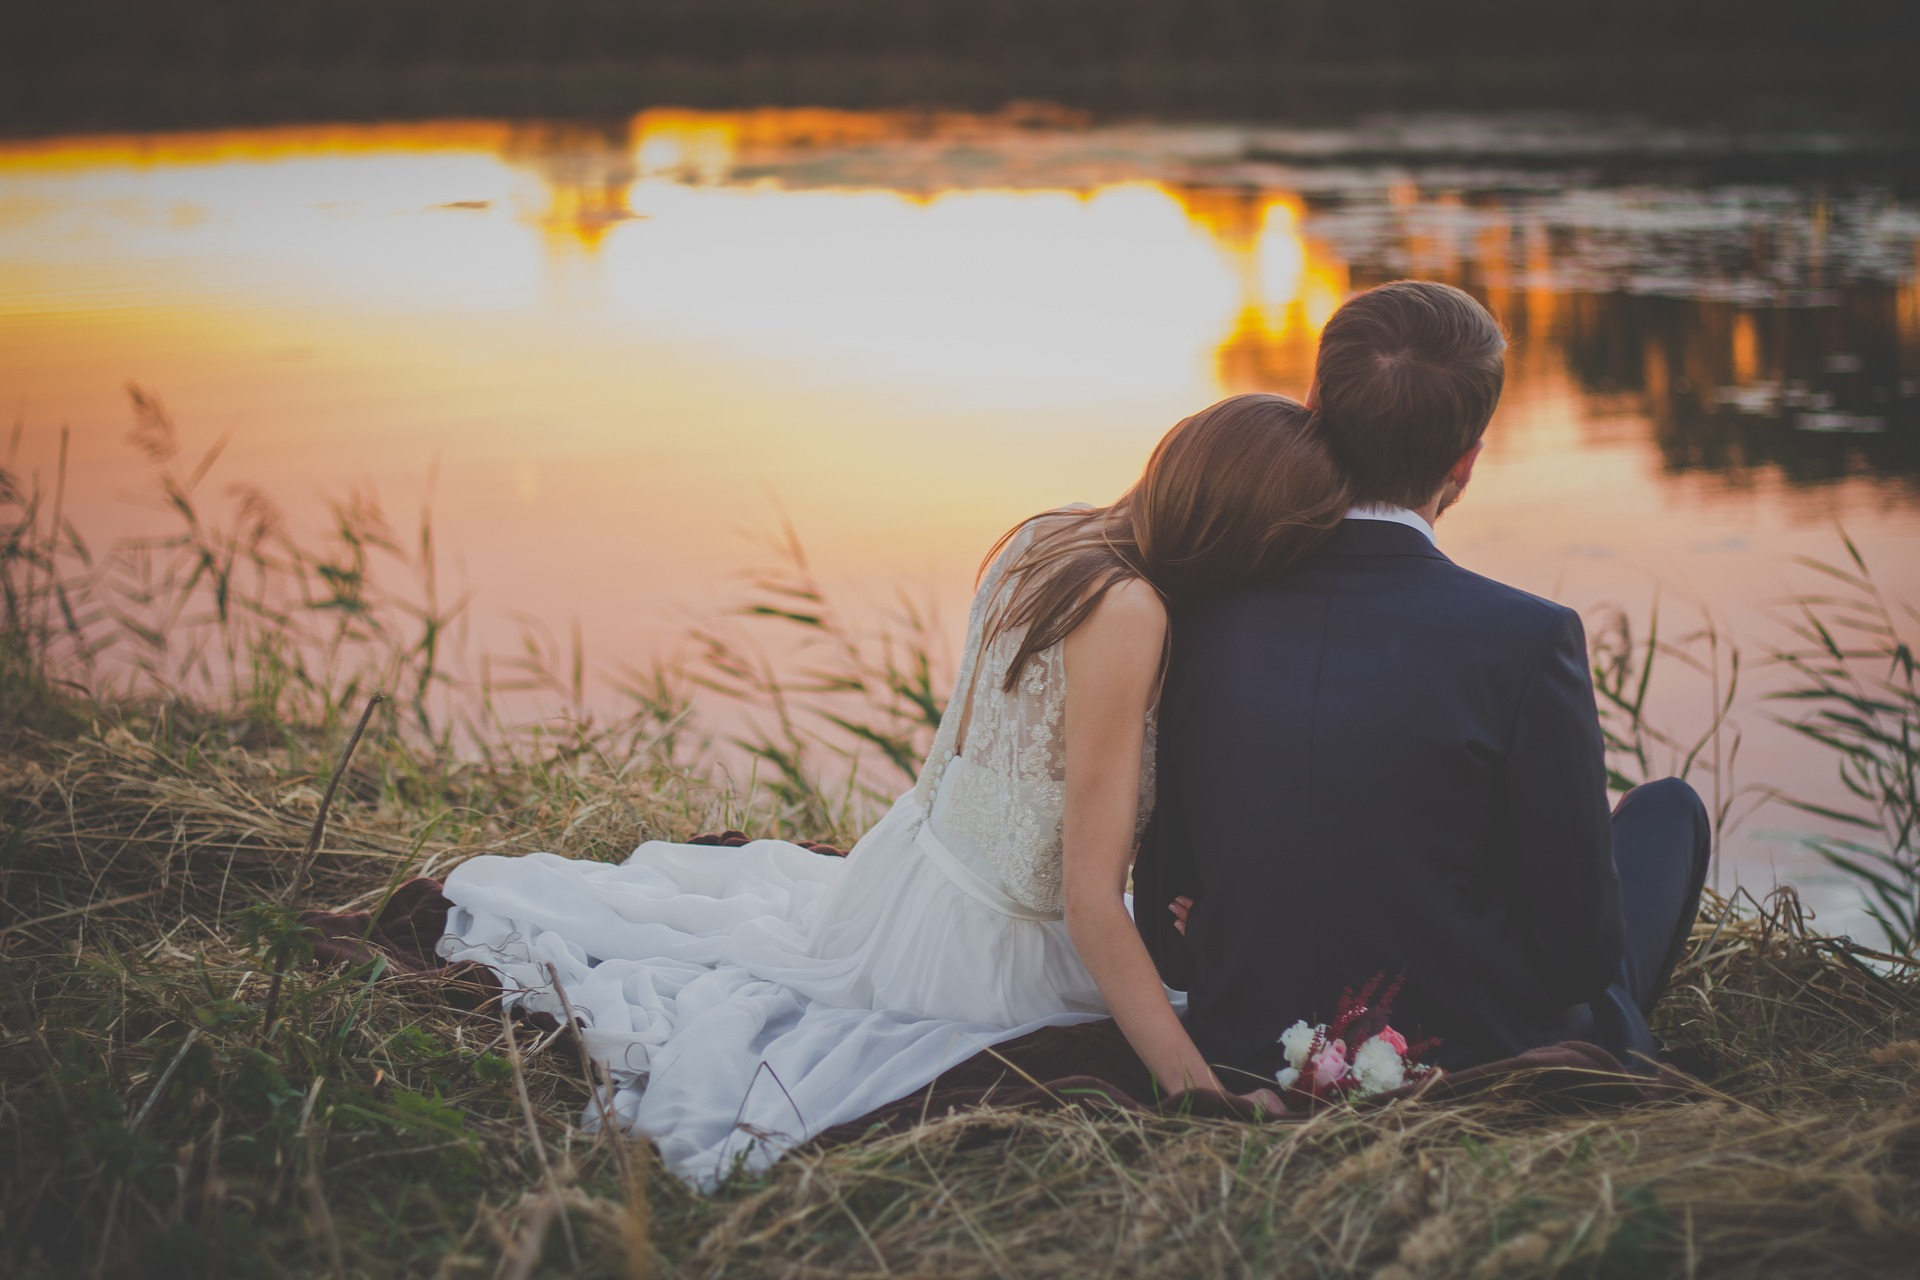 e02a2fb722 15+1 gyönyörű esküvői idézet a meghívóra - Esküvői lélekkalauz